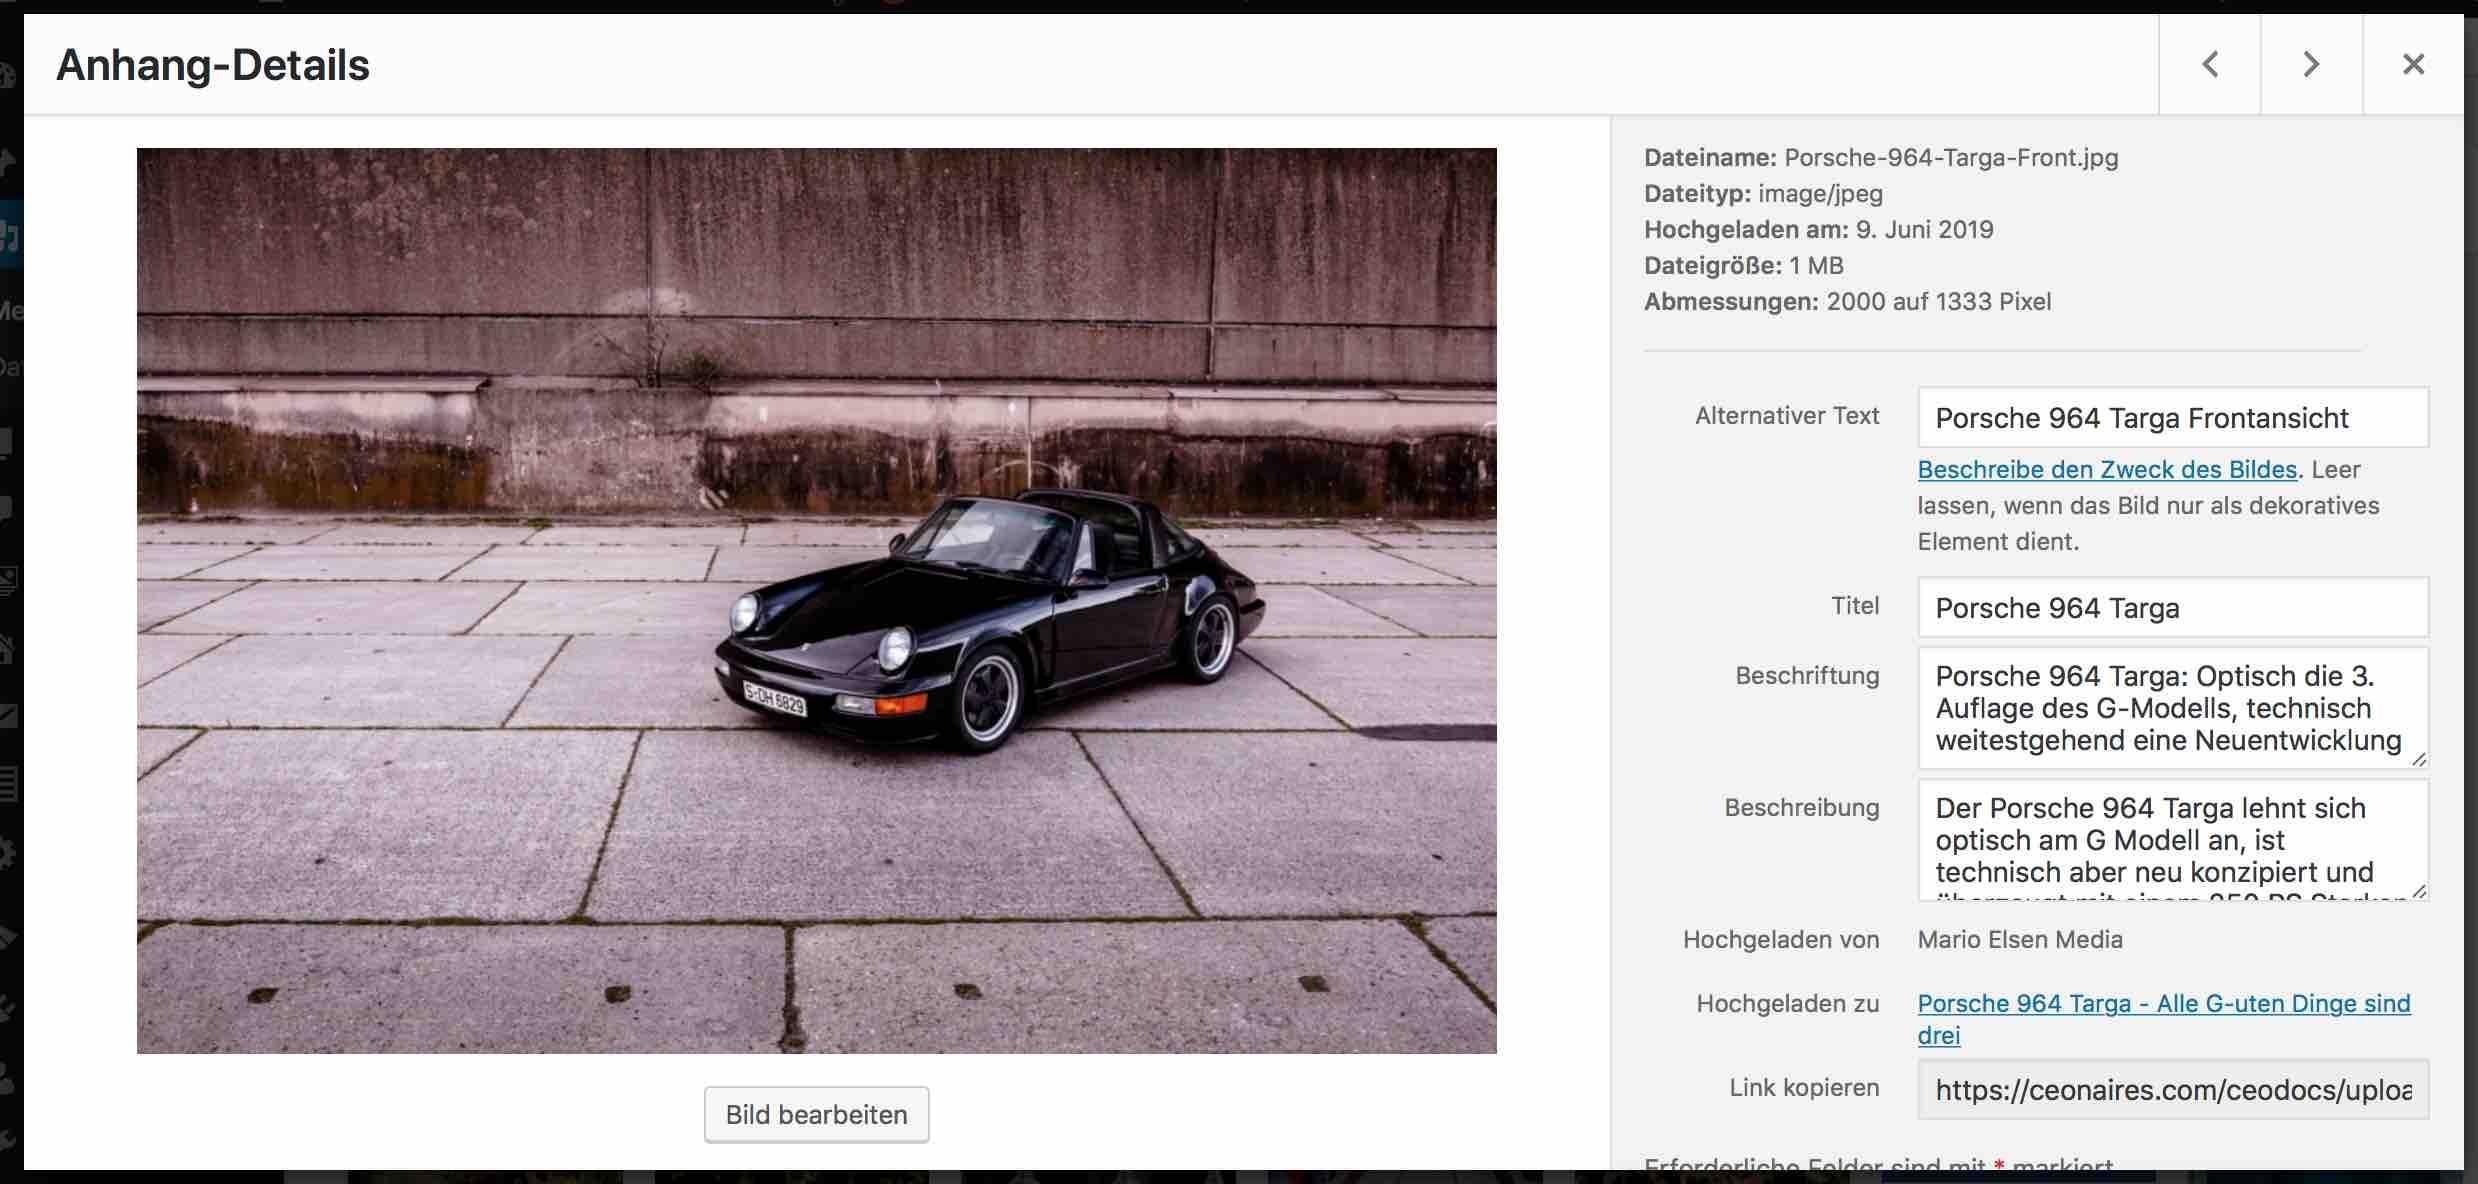 Multisite-Mediathek-Bildbeschreibungen